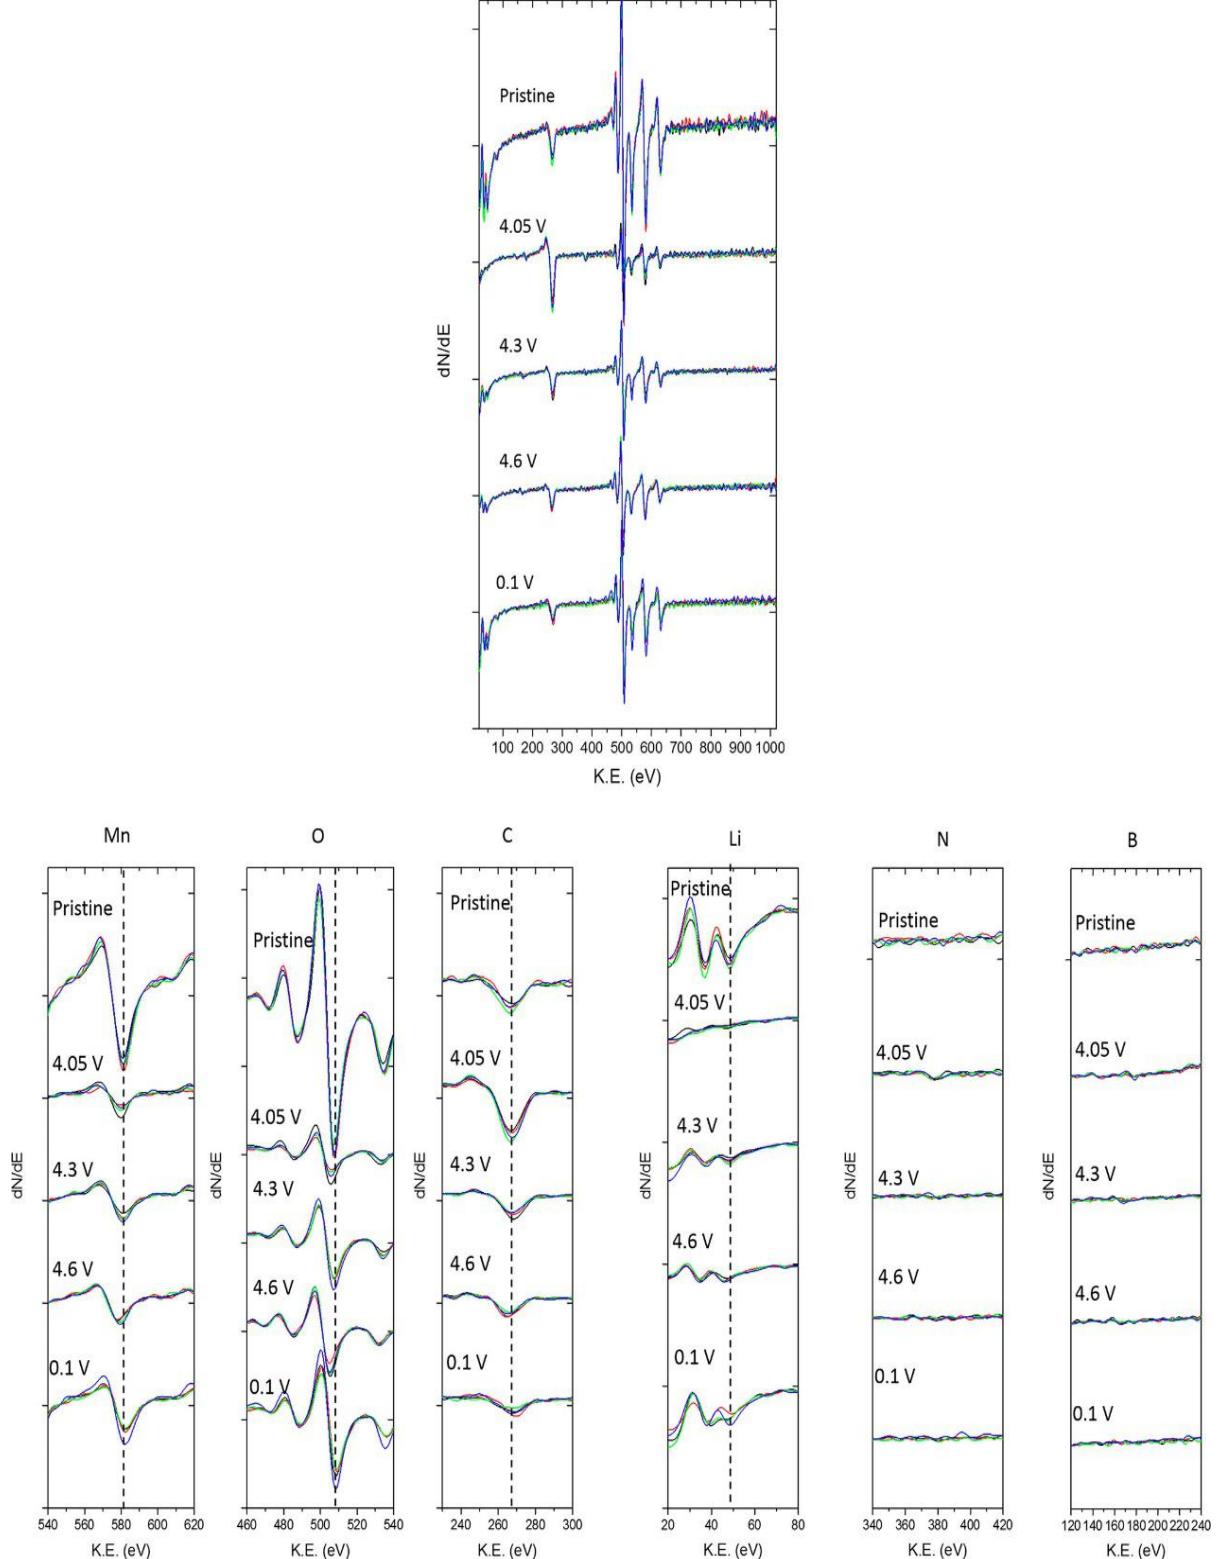 图11LiMn2O4在不同电势下的AES谱图。每条线代表一个不同的 粒子,包括不同电压下Mn、O、C、Li、N和B的高分辨谱图,虚线 是与原材料相关的极小值相交的参考线